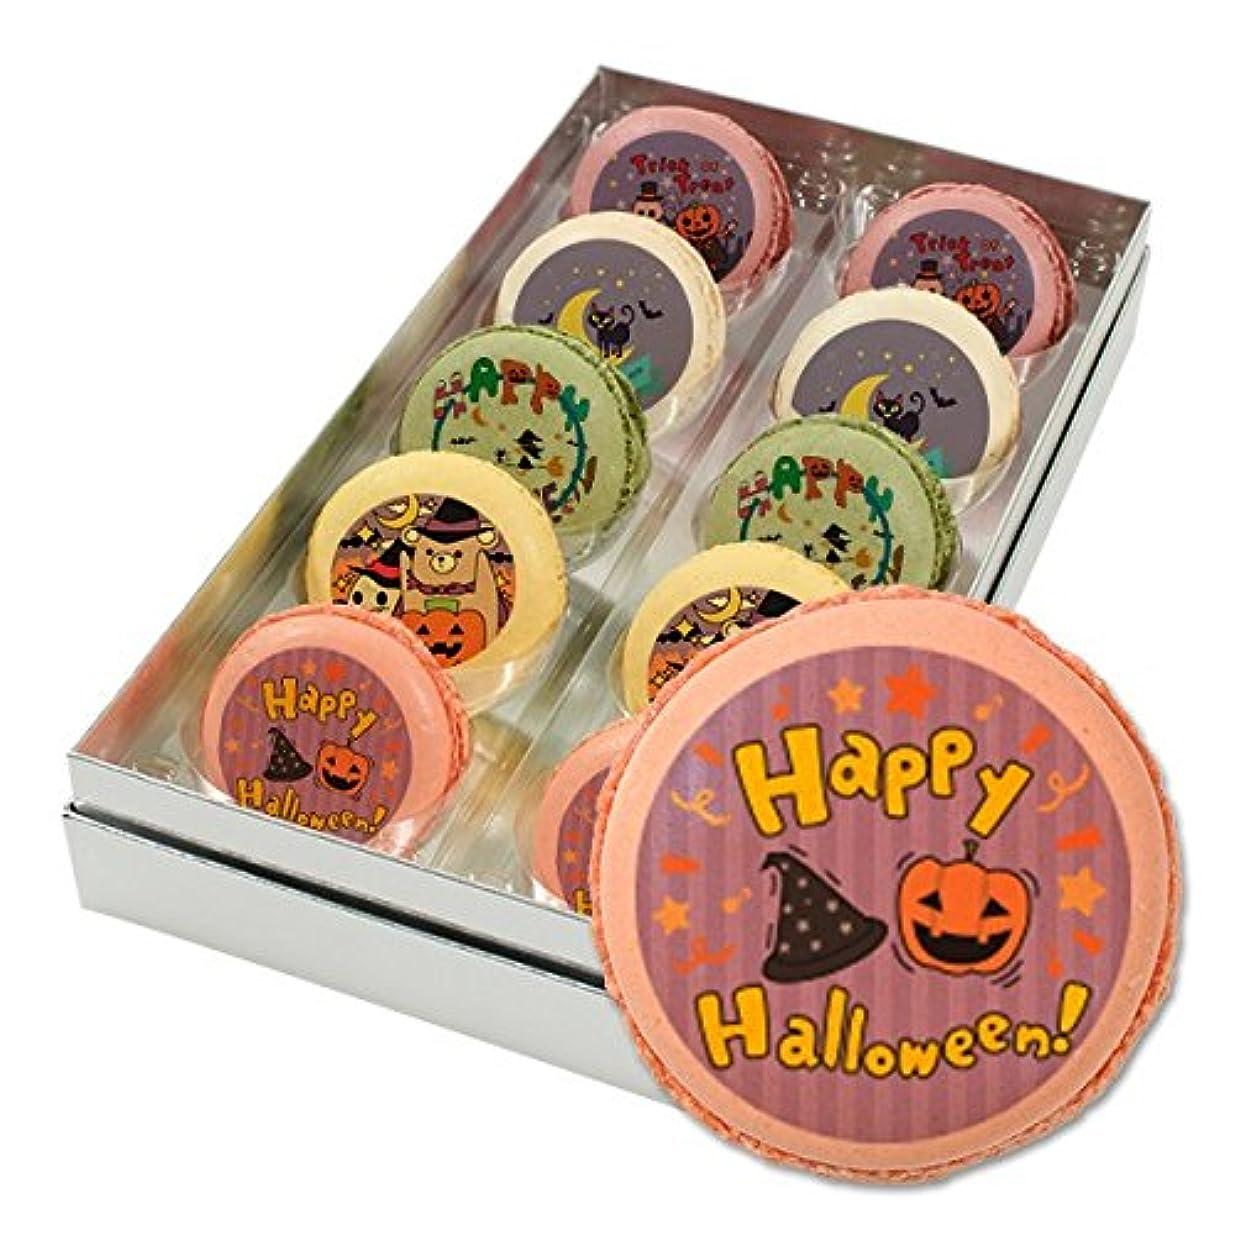 あいまい宇宙のメディアハロウィン お菓子 メッセージマカロン 10個セット(箱入り)お祝い プチギフト HM-set07